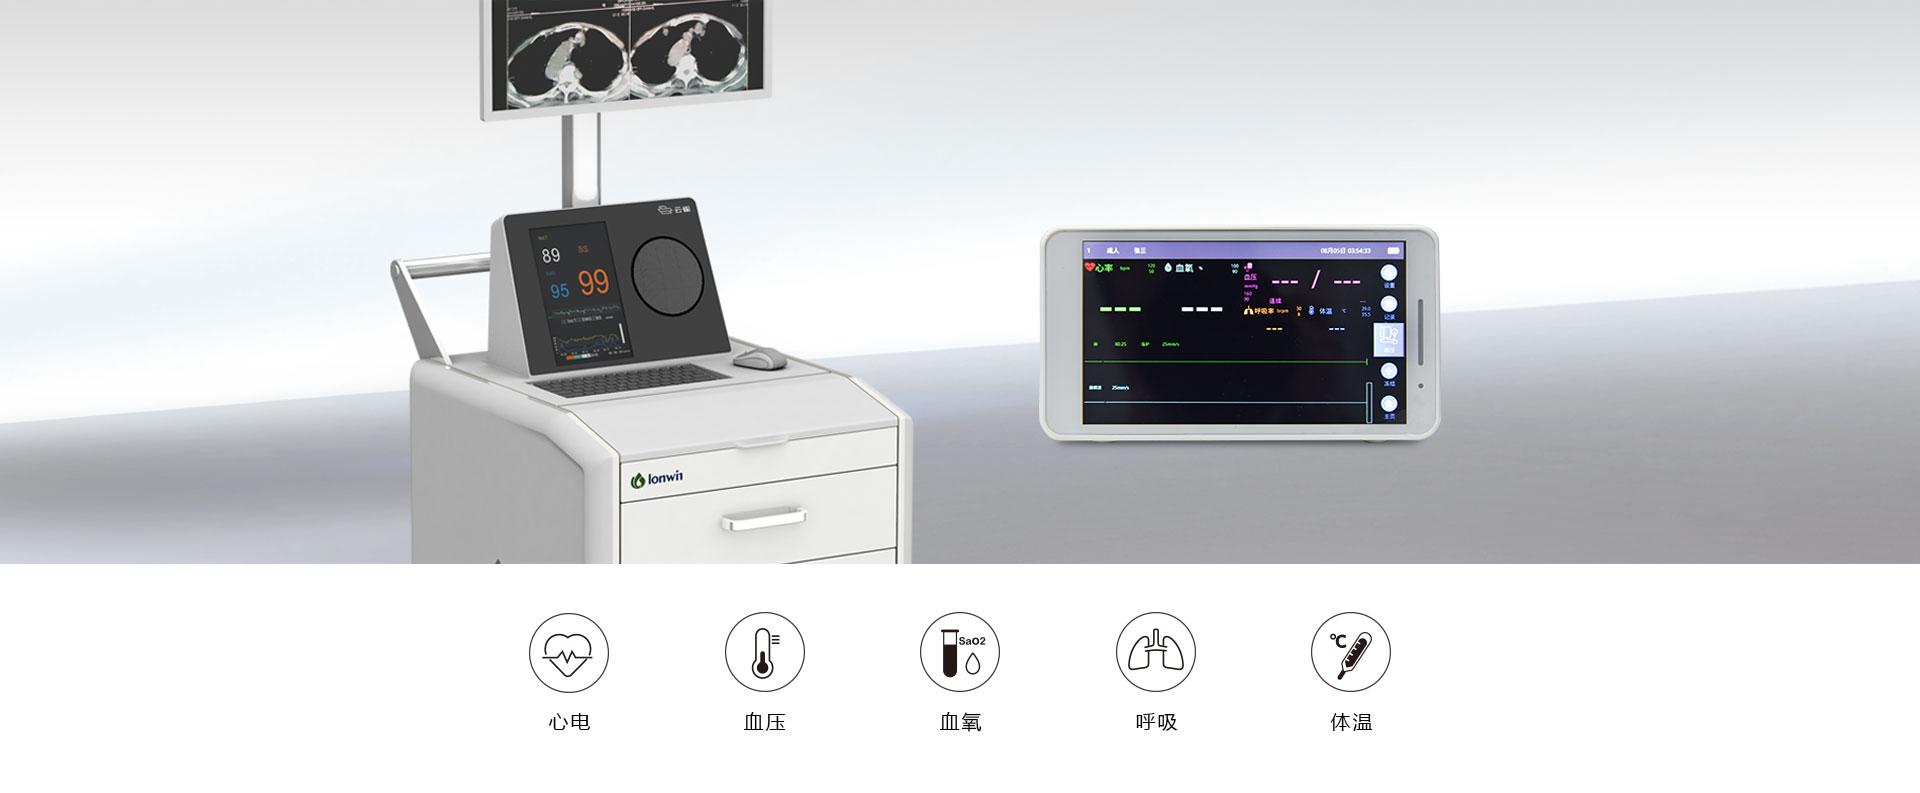 (影像介入)CT介入手术专用监护仪_03.jpg